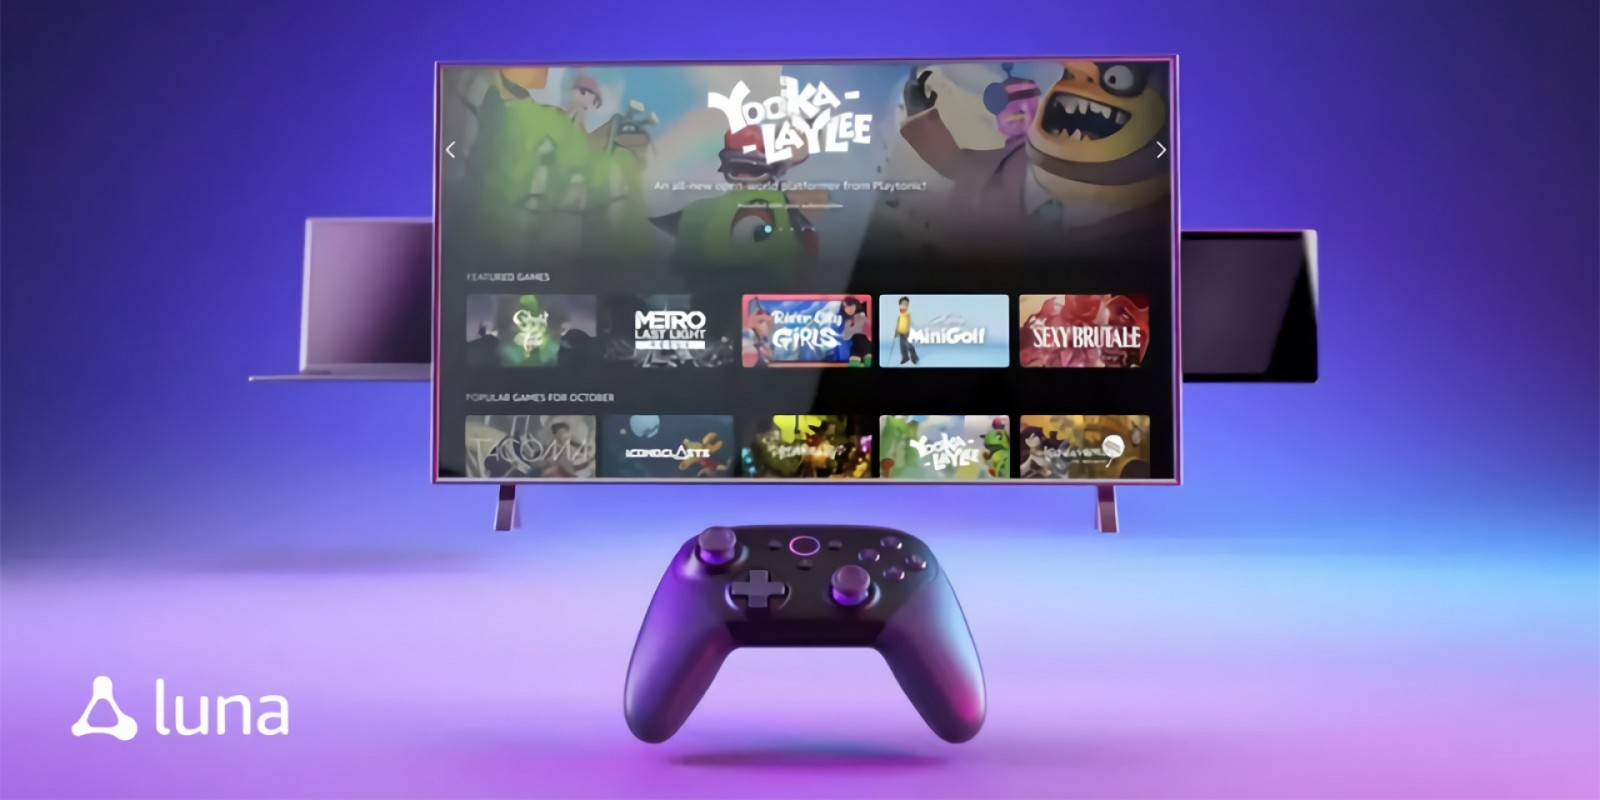 《尘埃5》和《黑道圣徒3》将加入亚马逊Luna+游戏库